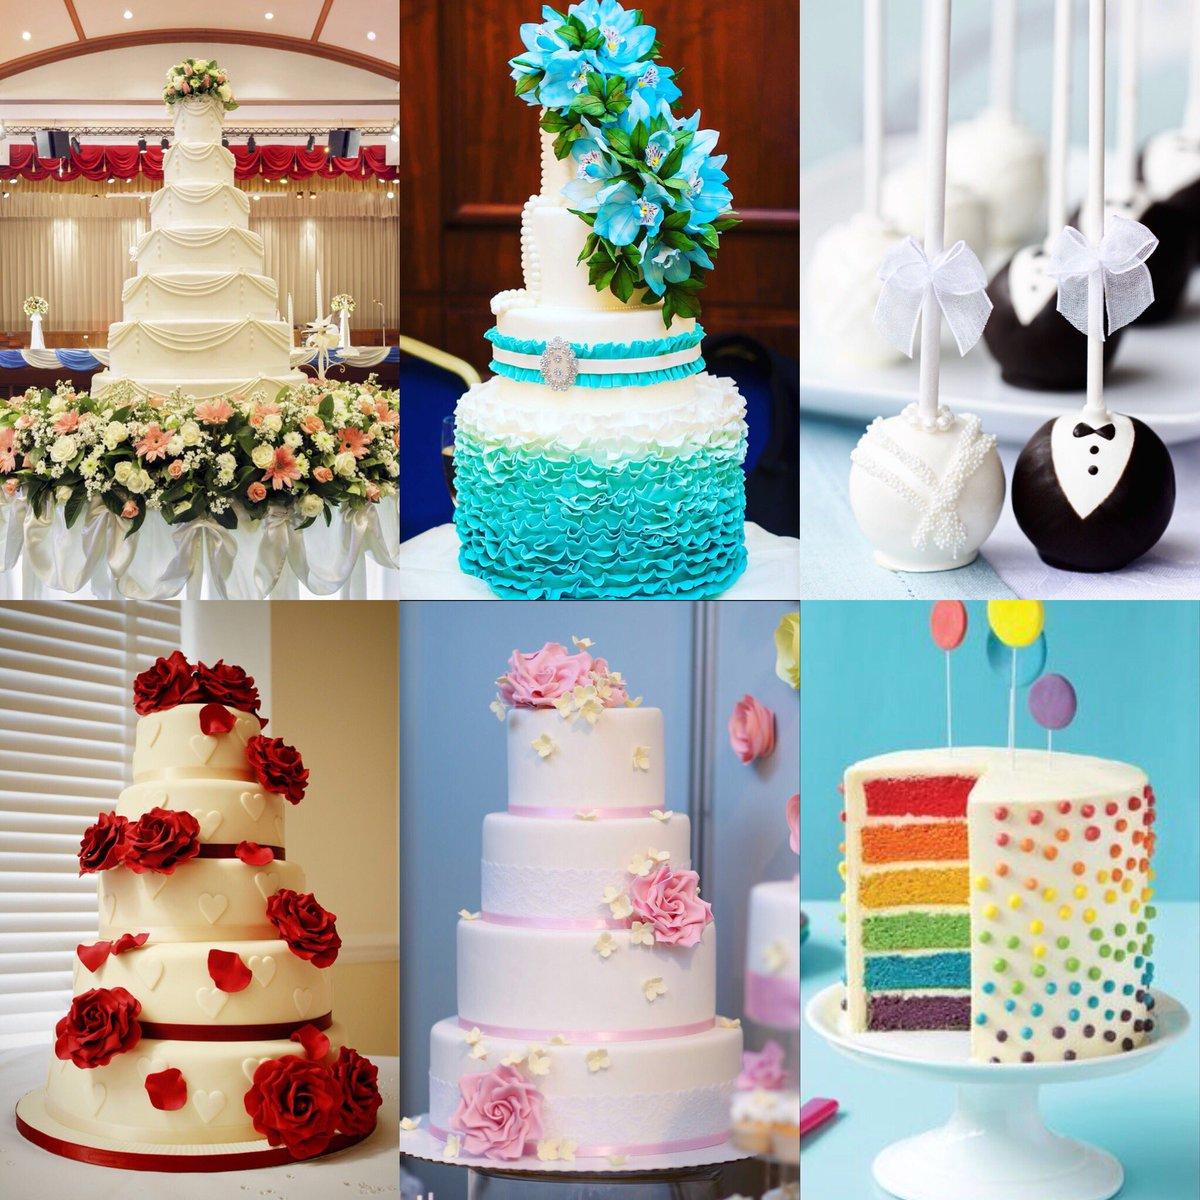 The House Of Cakes Cakesdubai Twitter